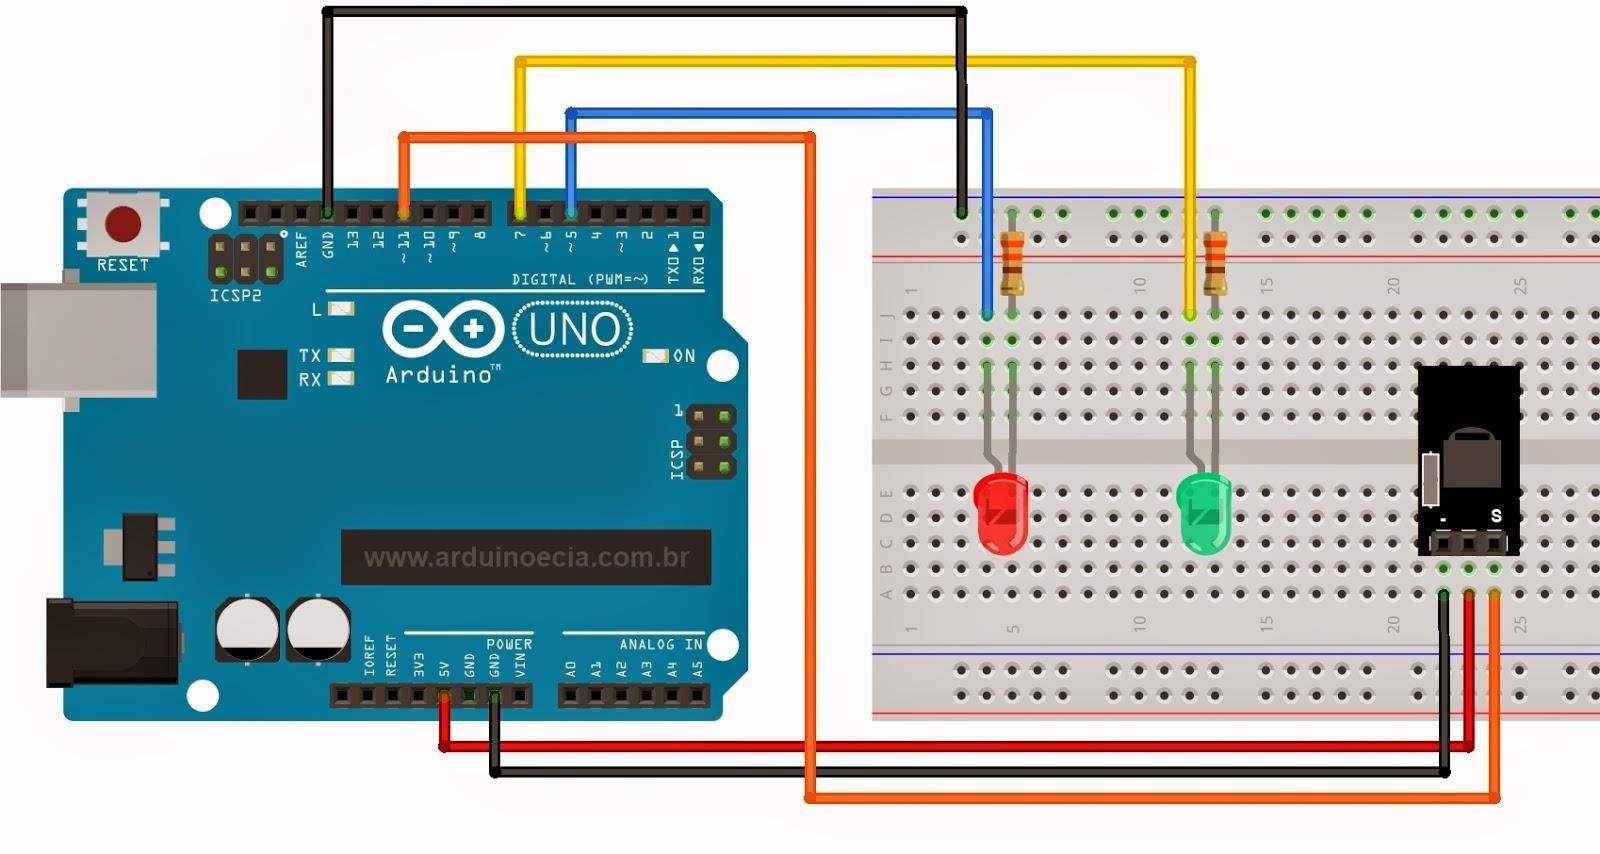 circuits4you com: IR remote control Arduino